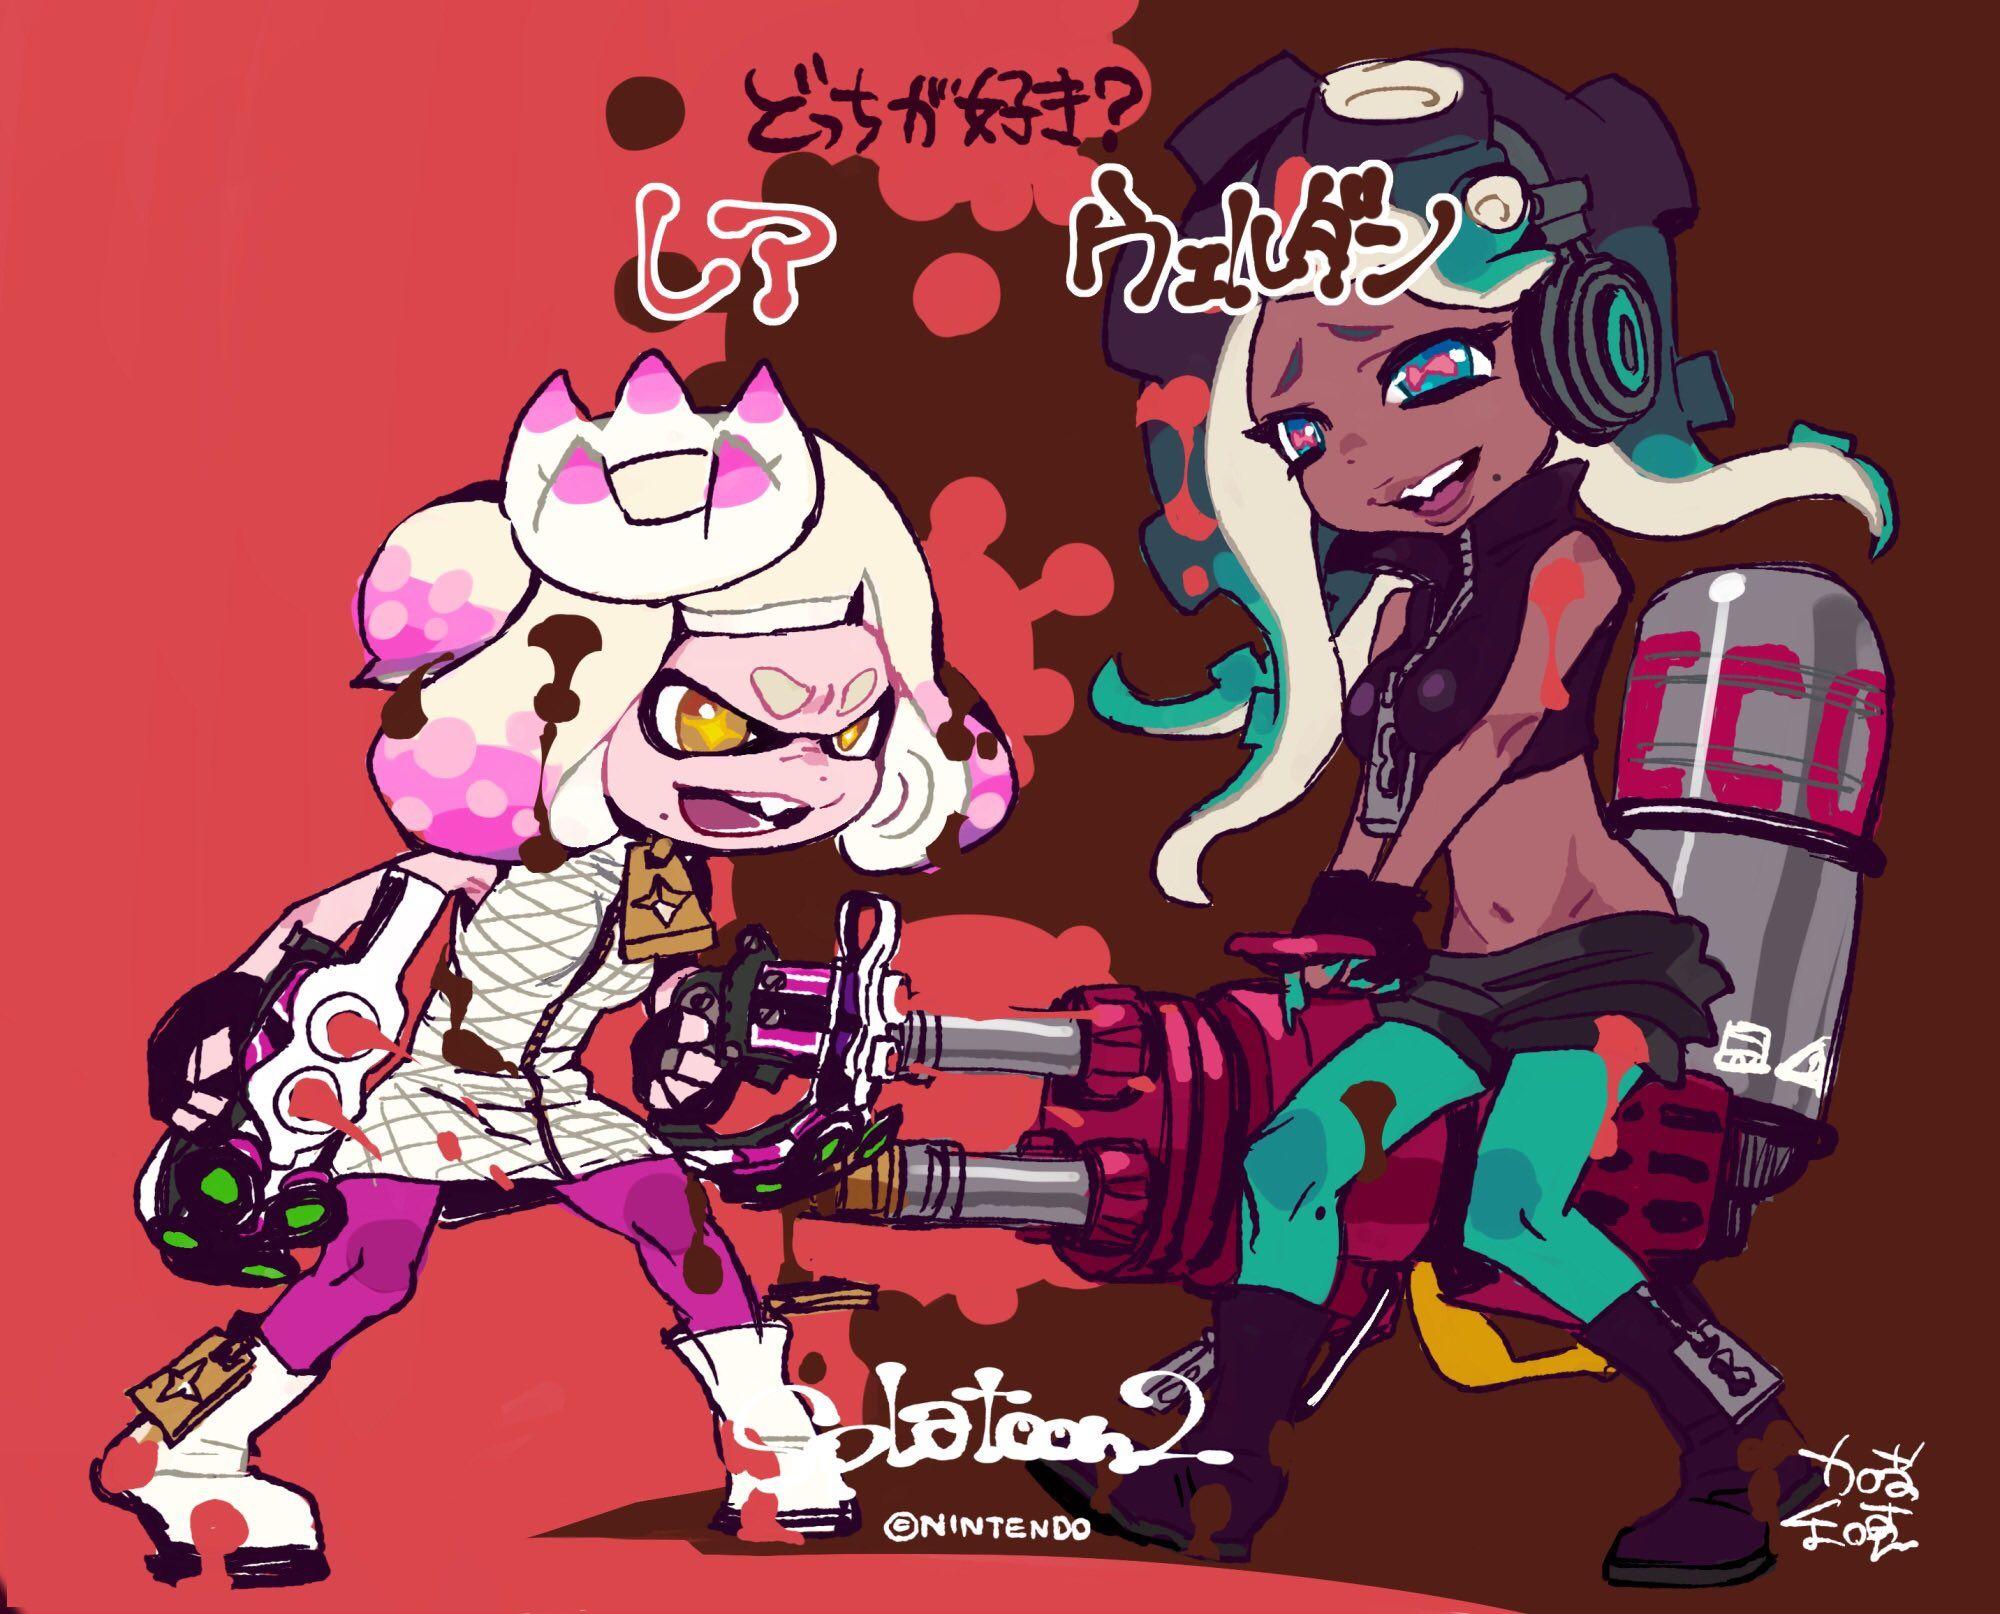 加藤和恵 公式 on (With images) Splatoon, Comic book cover